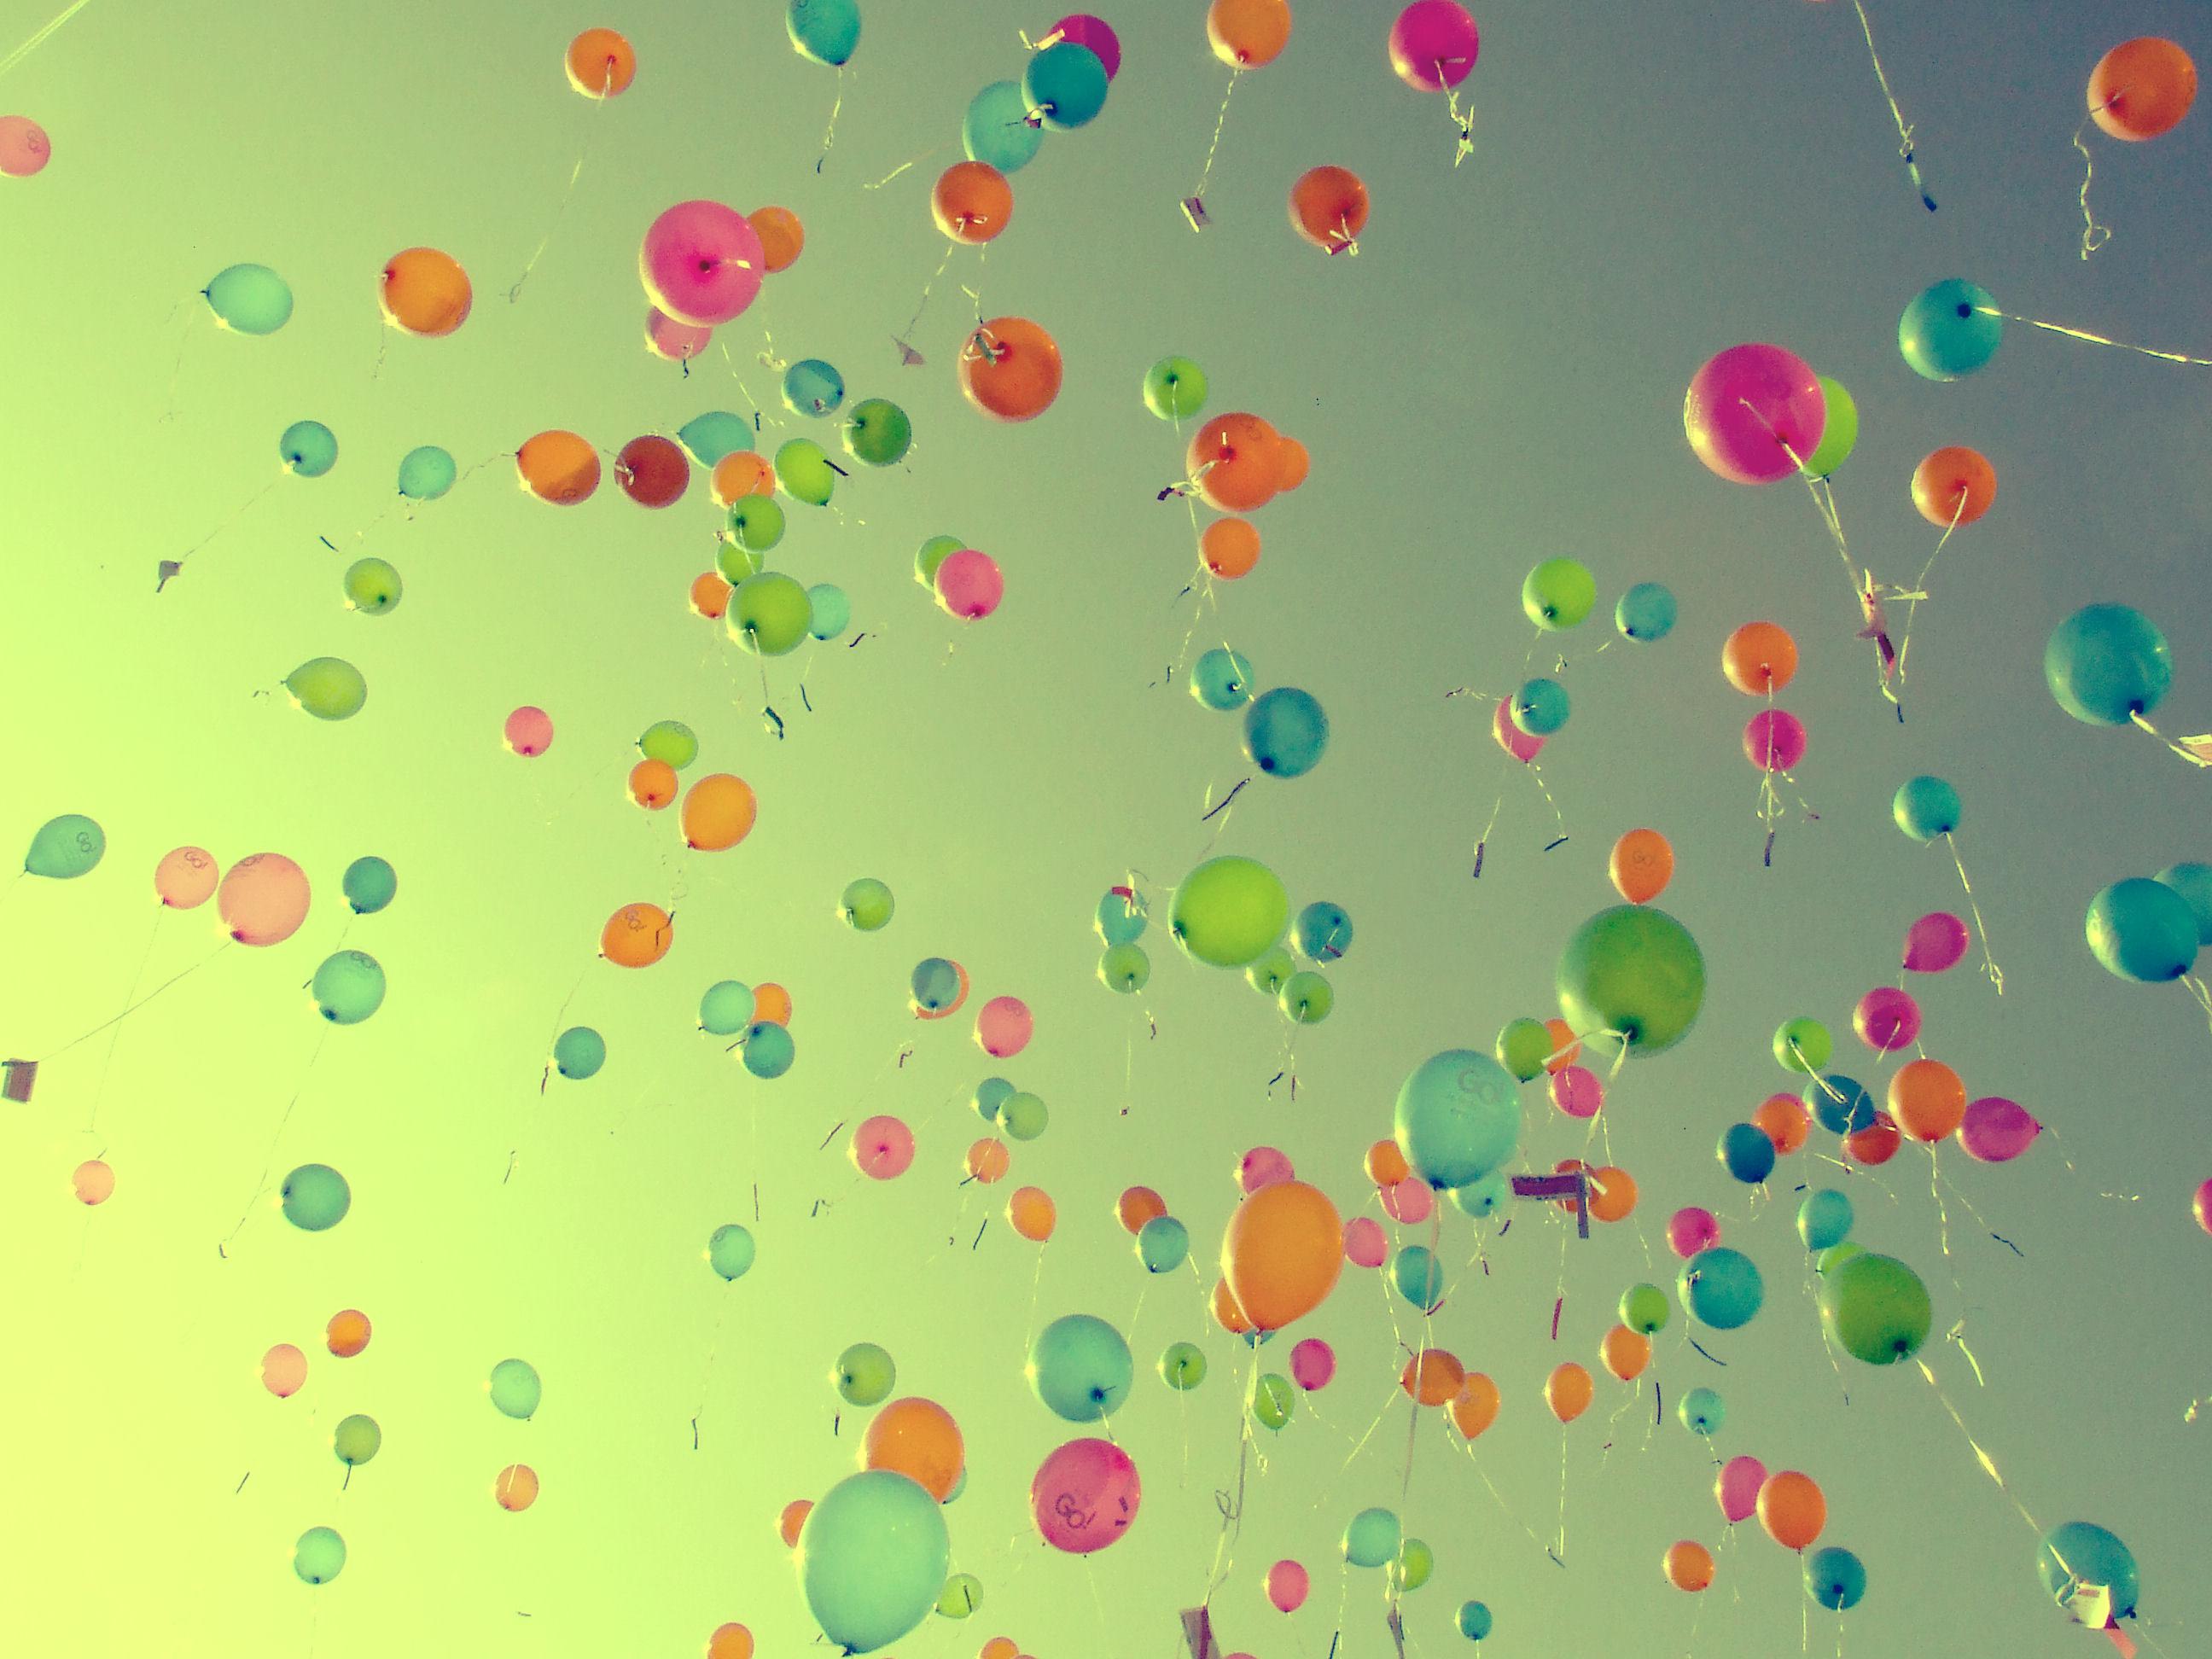 2592x1944 Balloons wallpaper